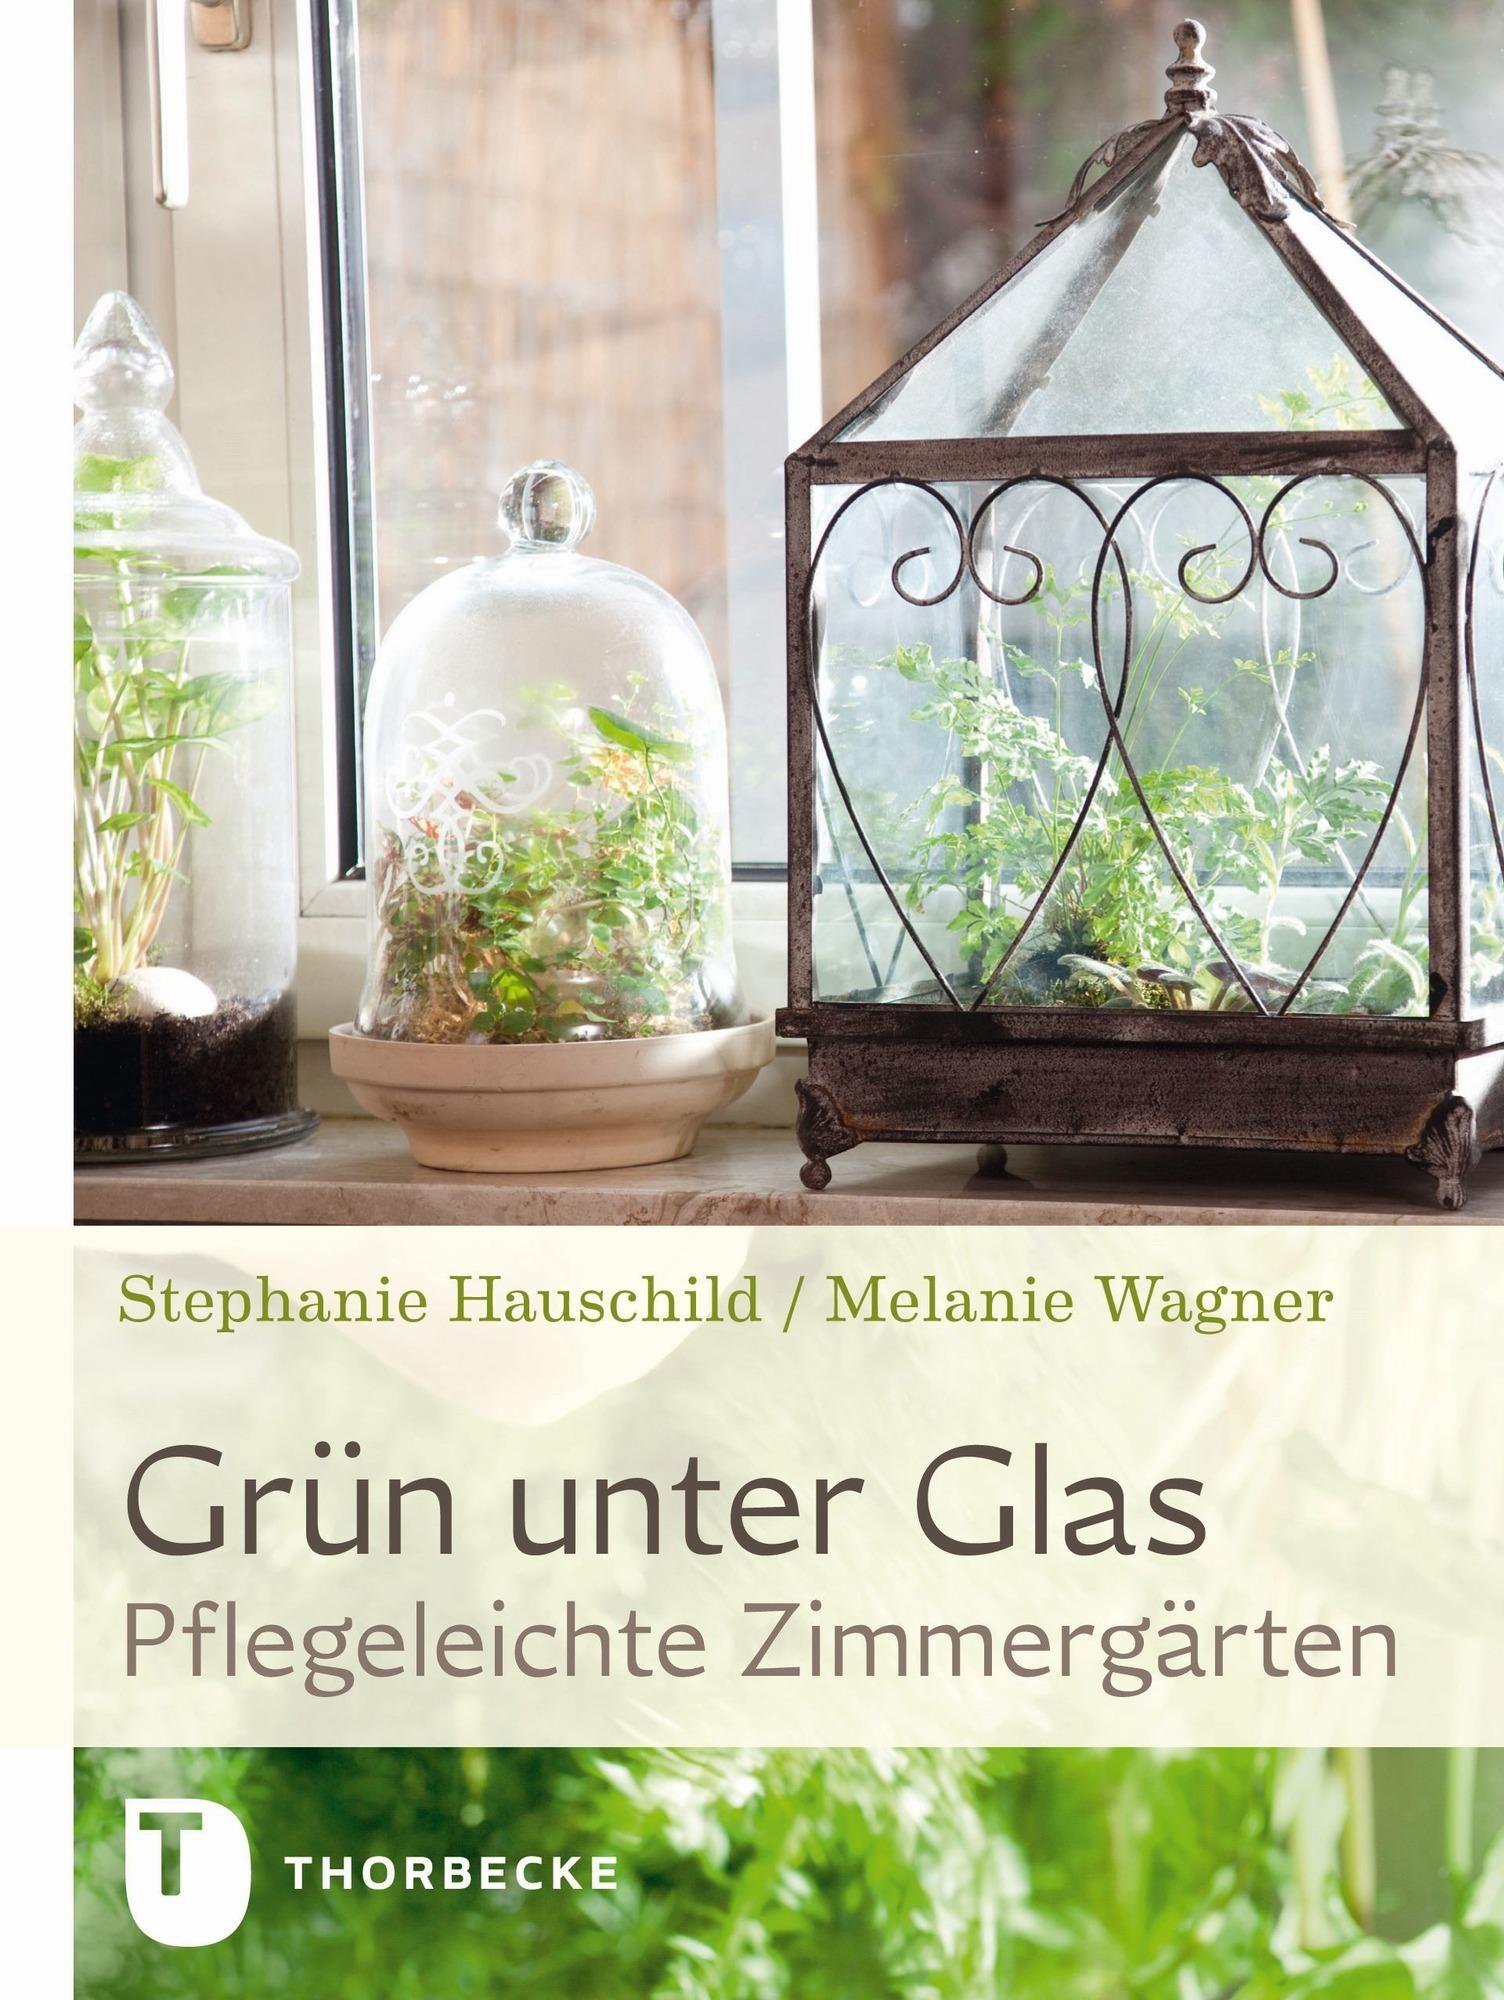 mini garten im glas wie pflanzen in der flasche gedeihen haus garten rhein neckar zeitung. Black Bedroom Furniture Sets. Home Design Ideas